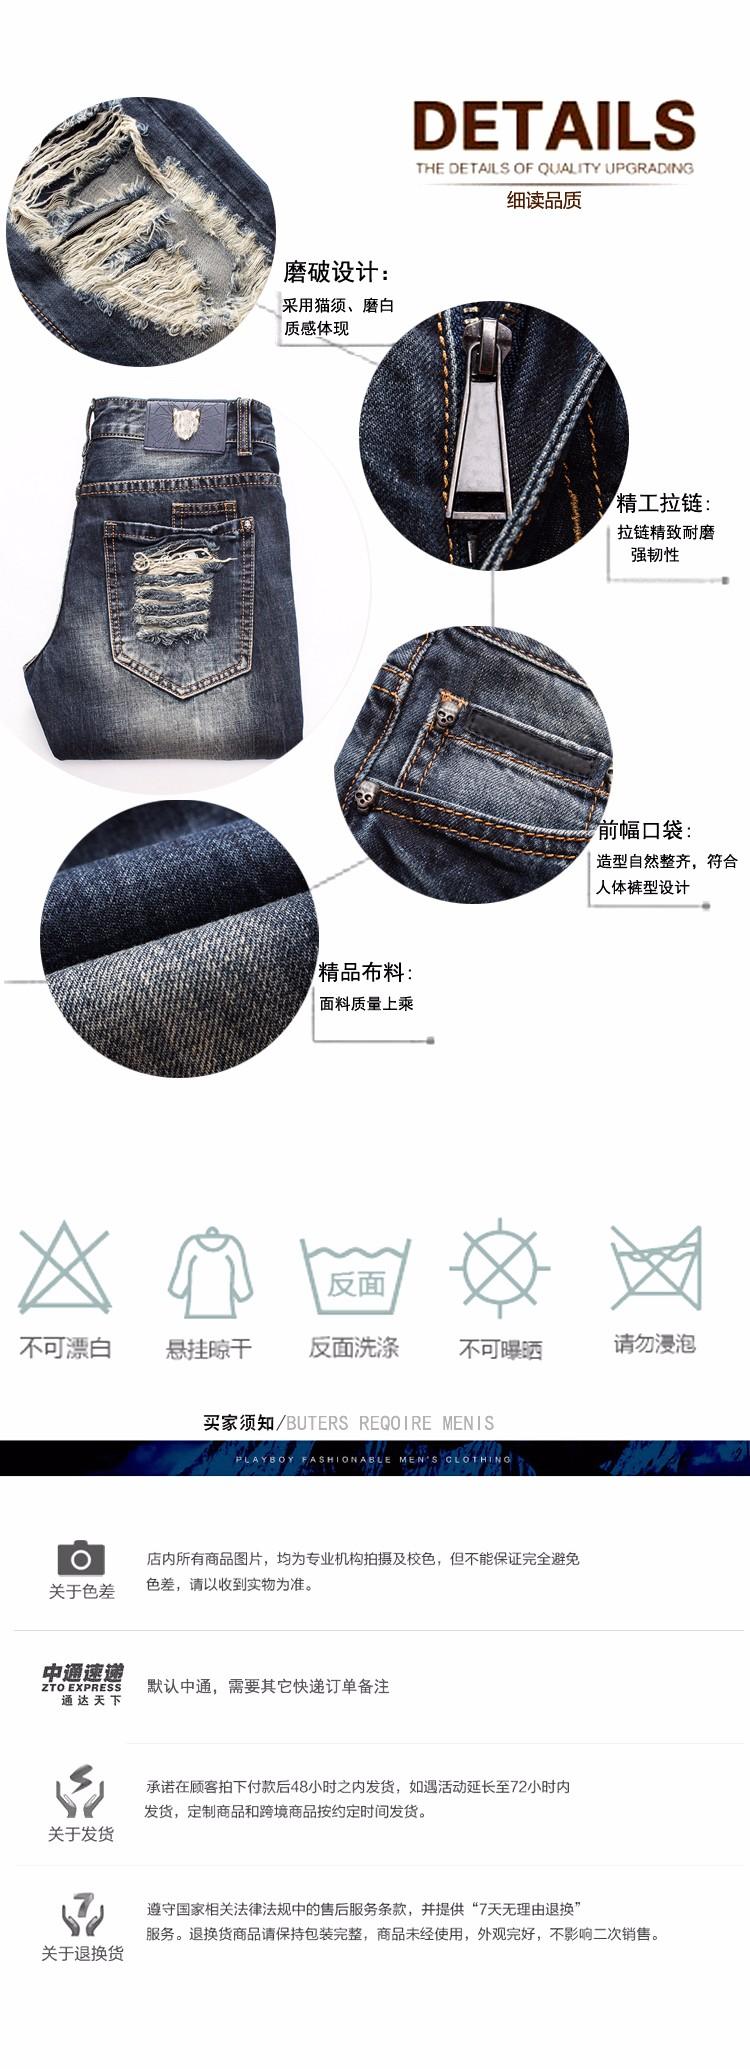 Скидки на Мода прохладный улицы мужчина джинсы мужчин нет стрейч ножки брюки прямые отверстие бренд брюки брюки дизайнер мальчик джинсы